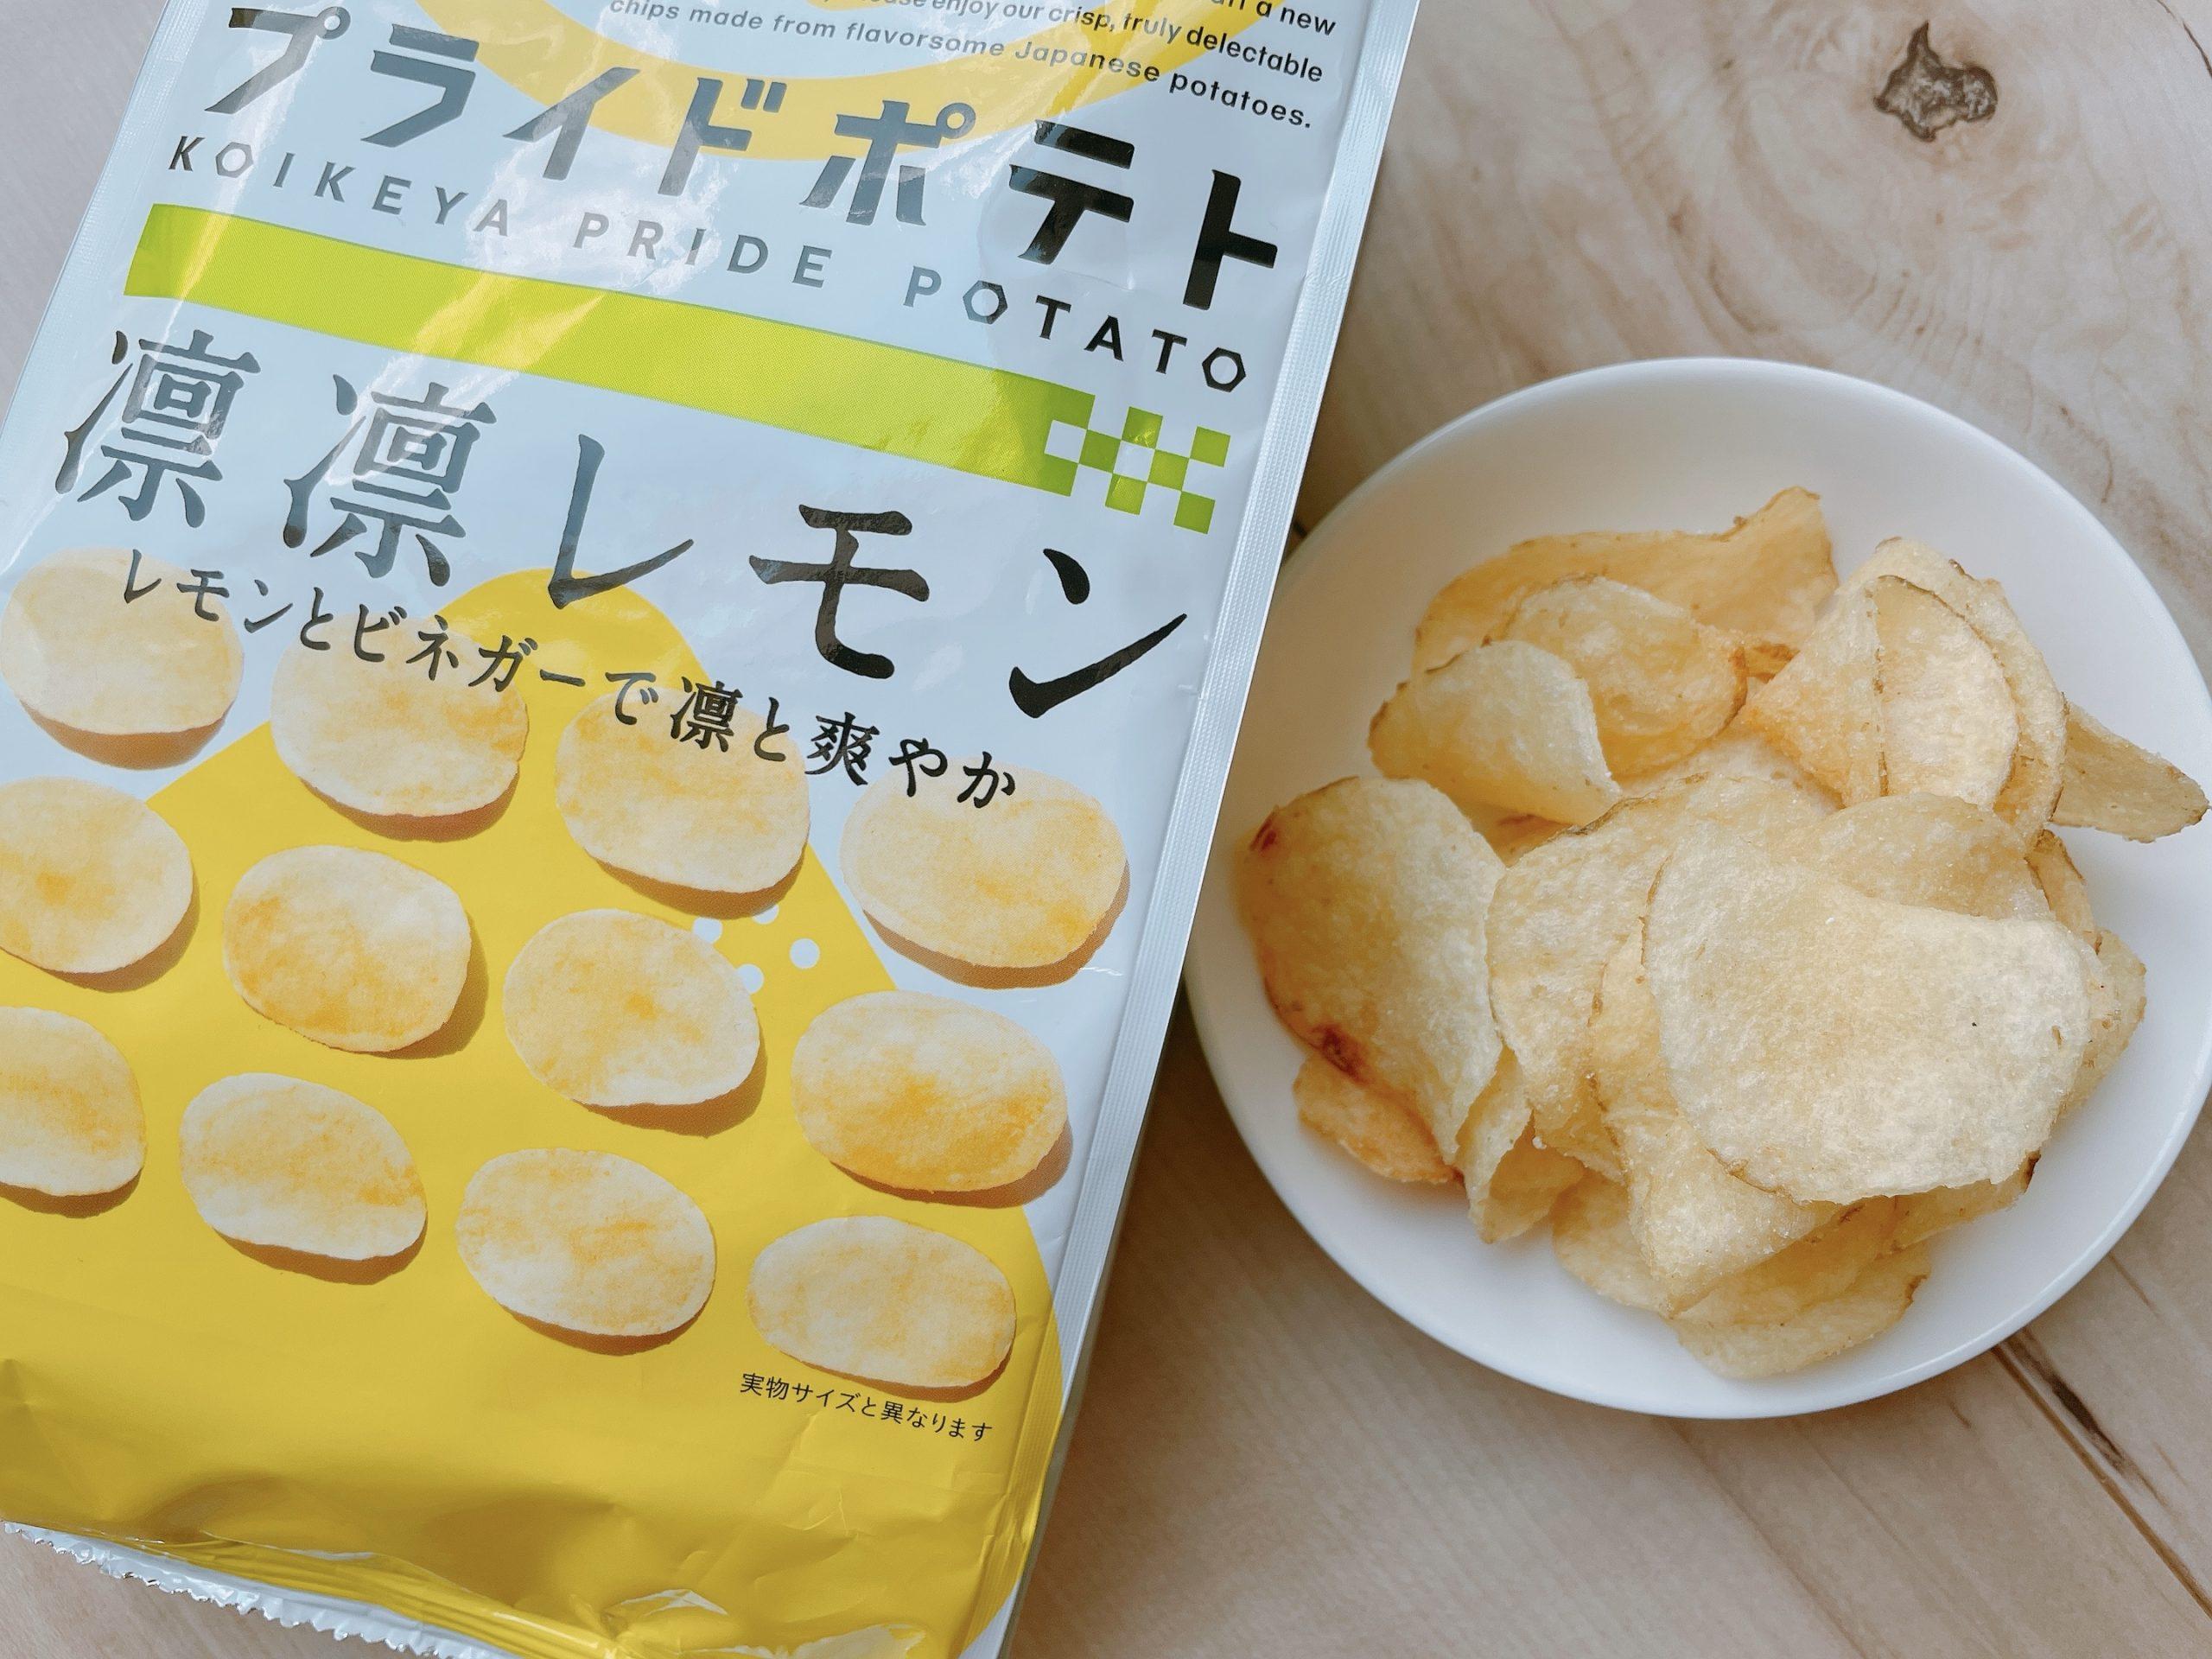 プライドポテト<凛凛レモン>食べると非常に爽やか